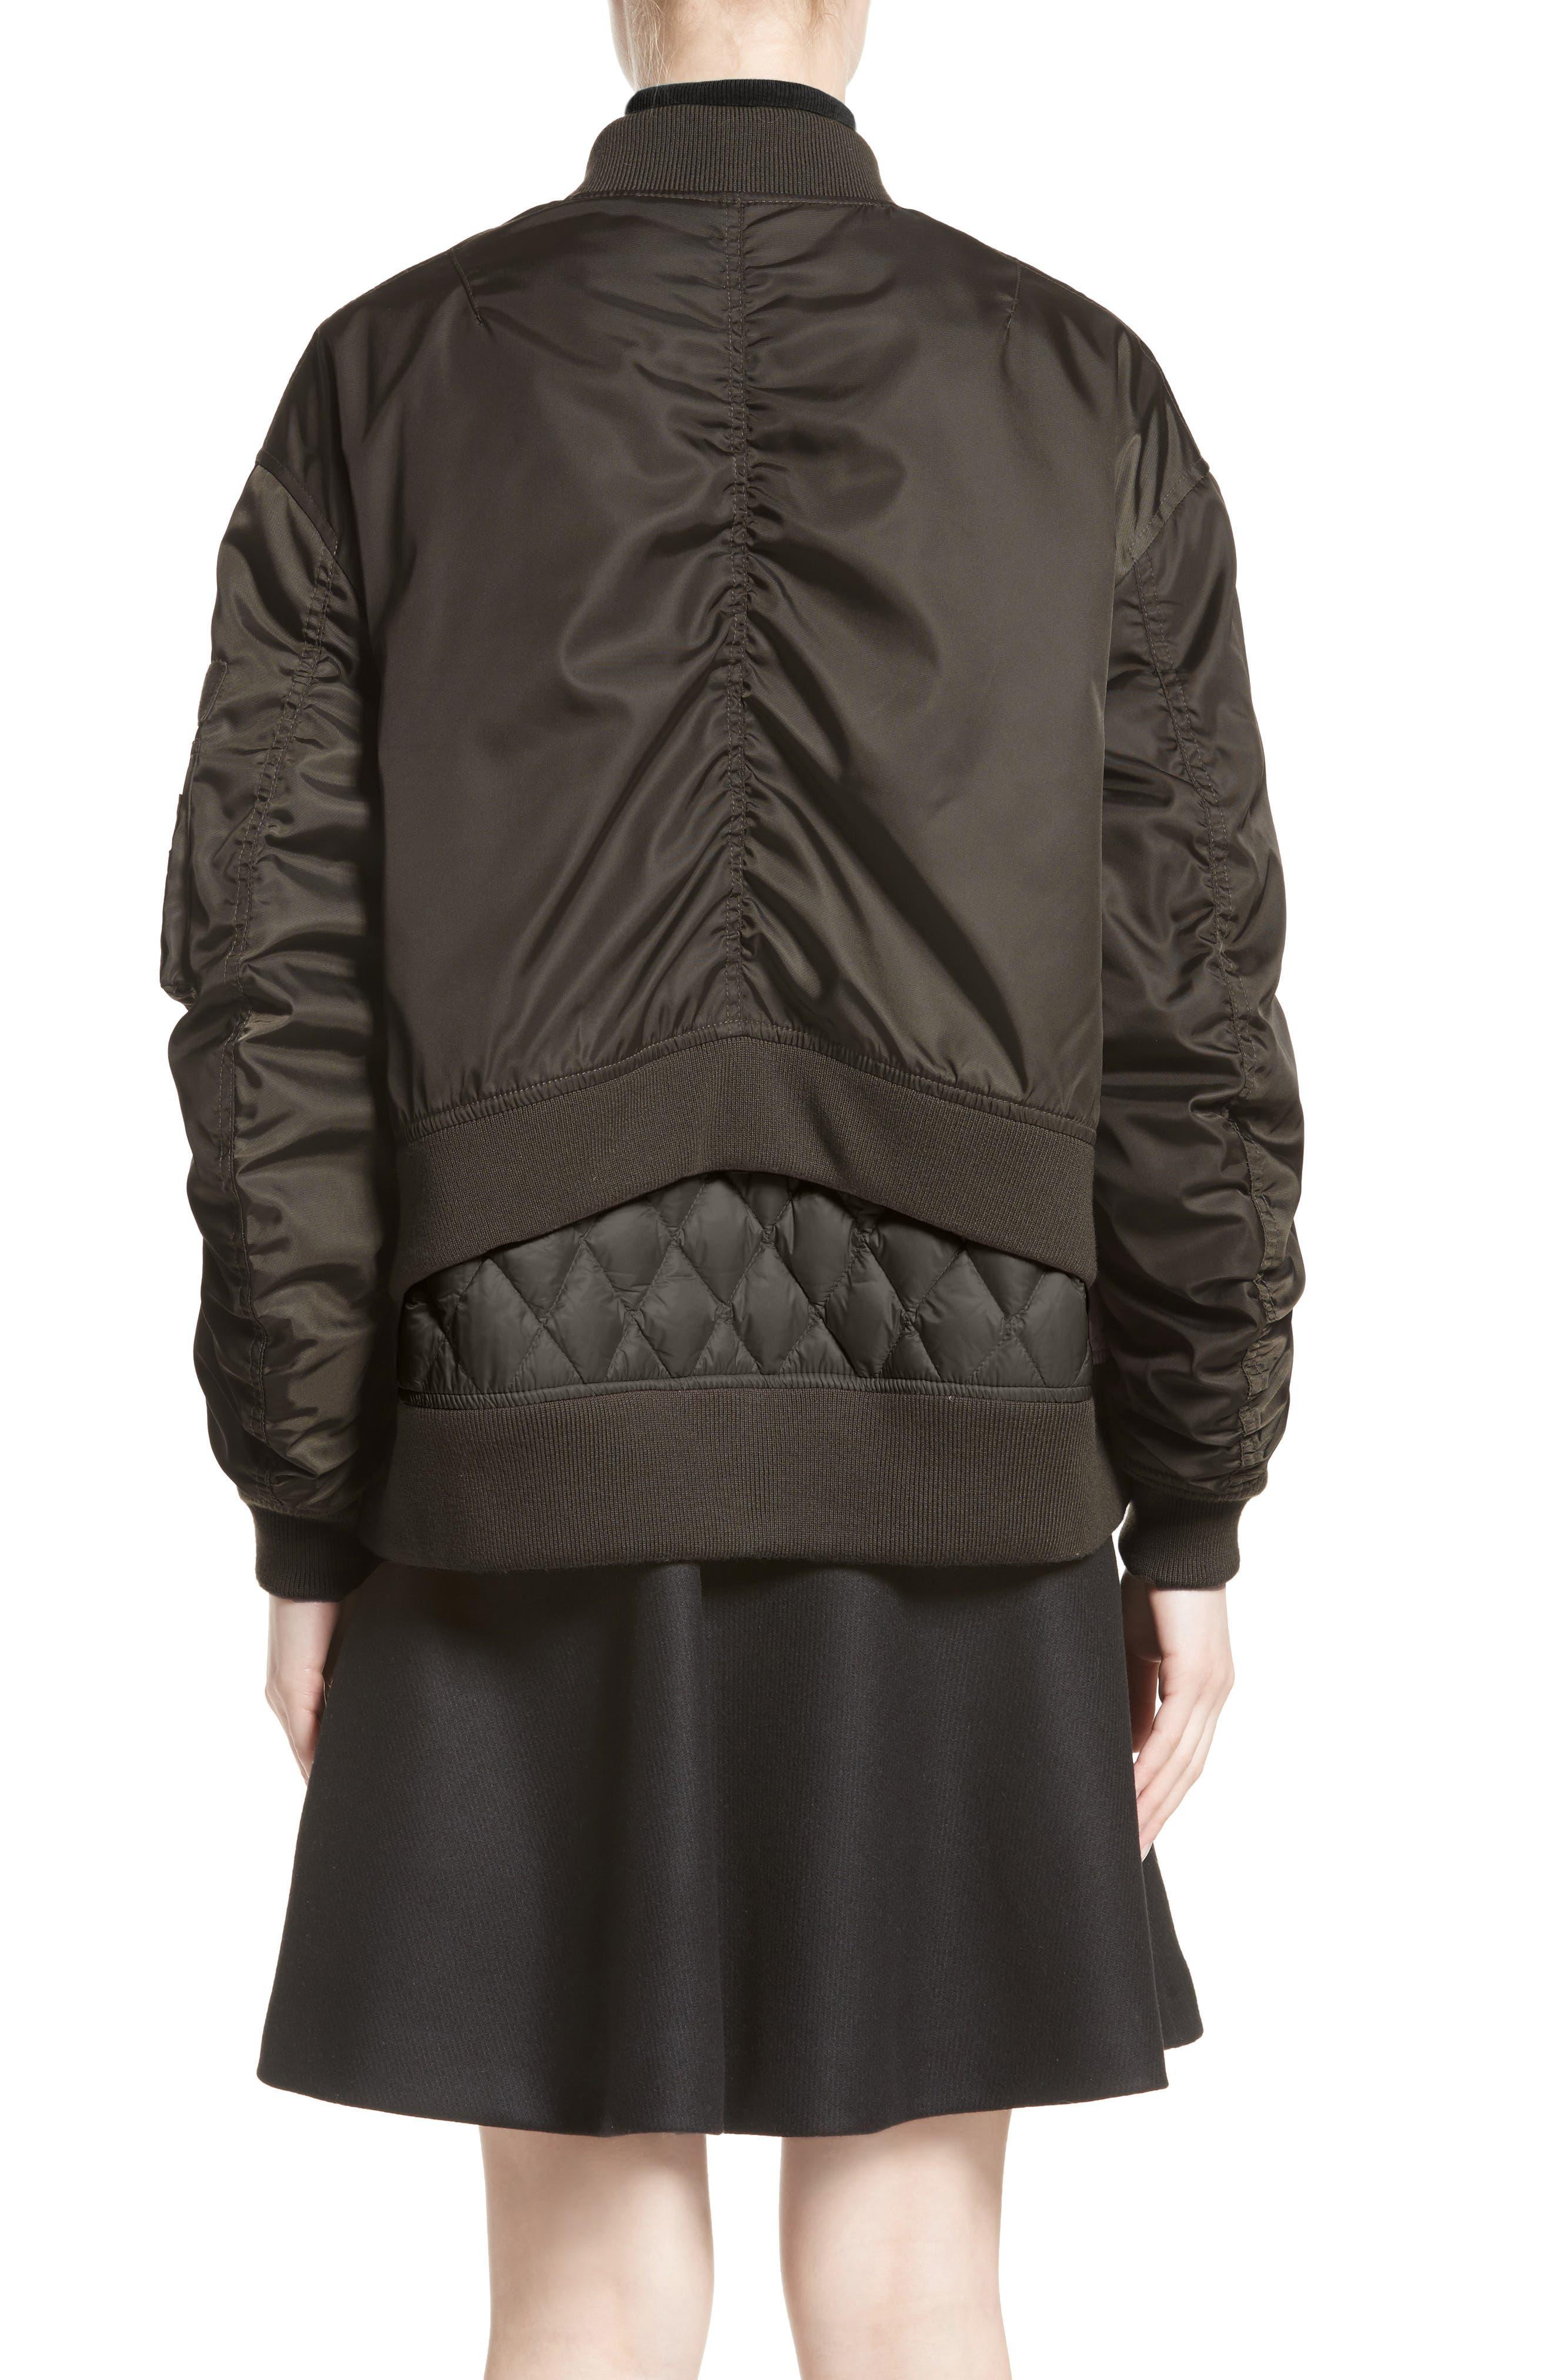 Aralia Layered Bomber Jacket,                             Alternate thumbnail 2, color,                             Olive/ Blush Lining